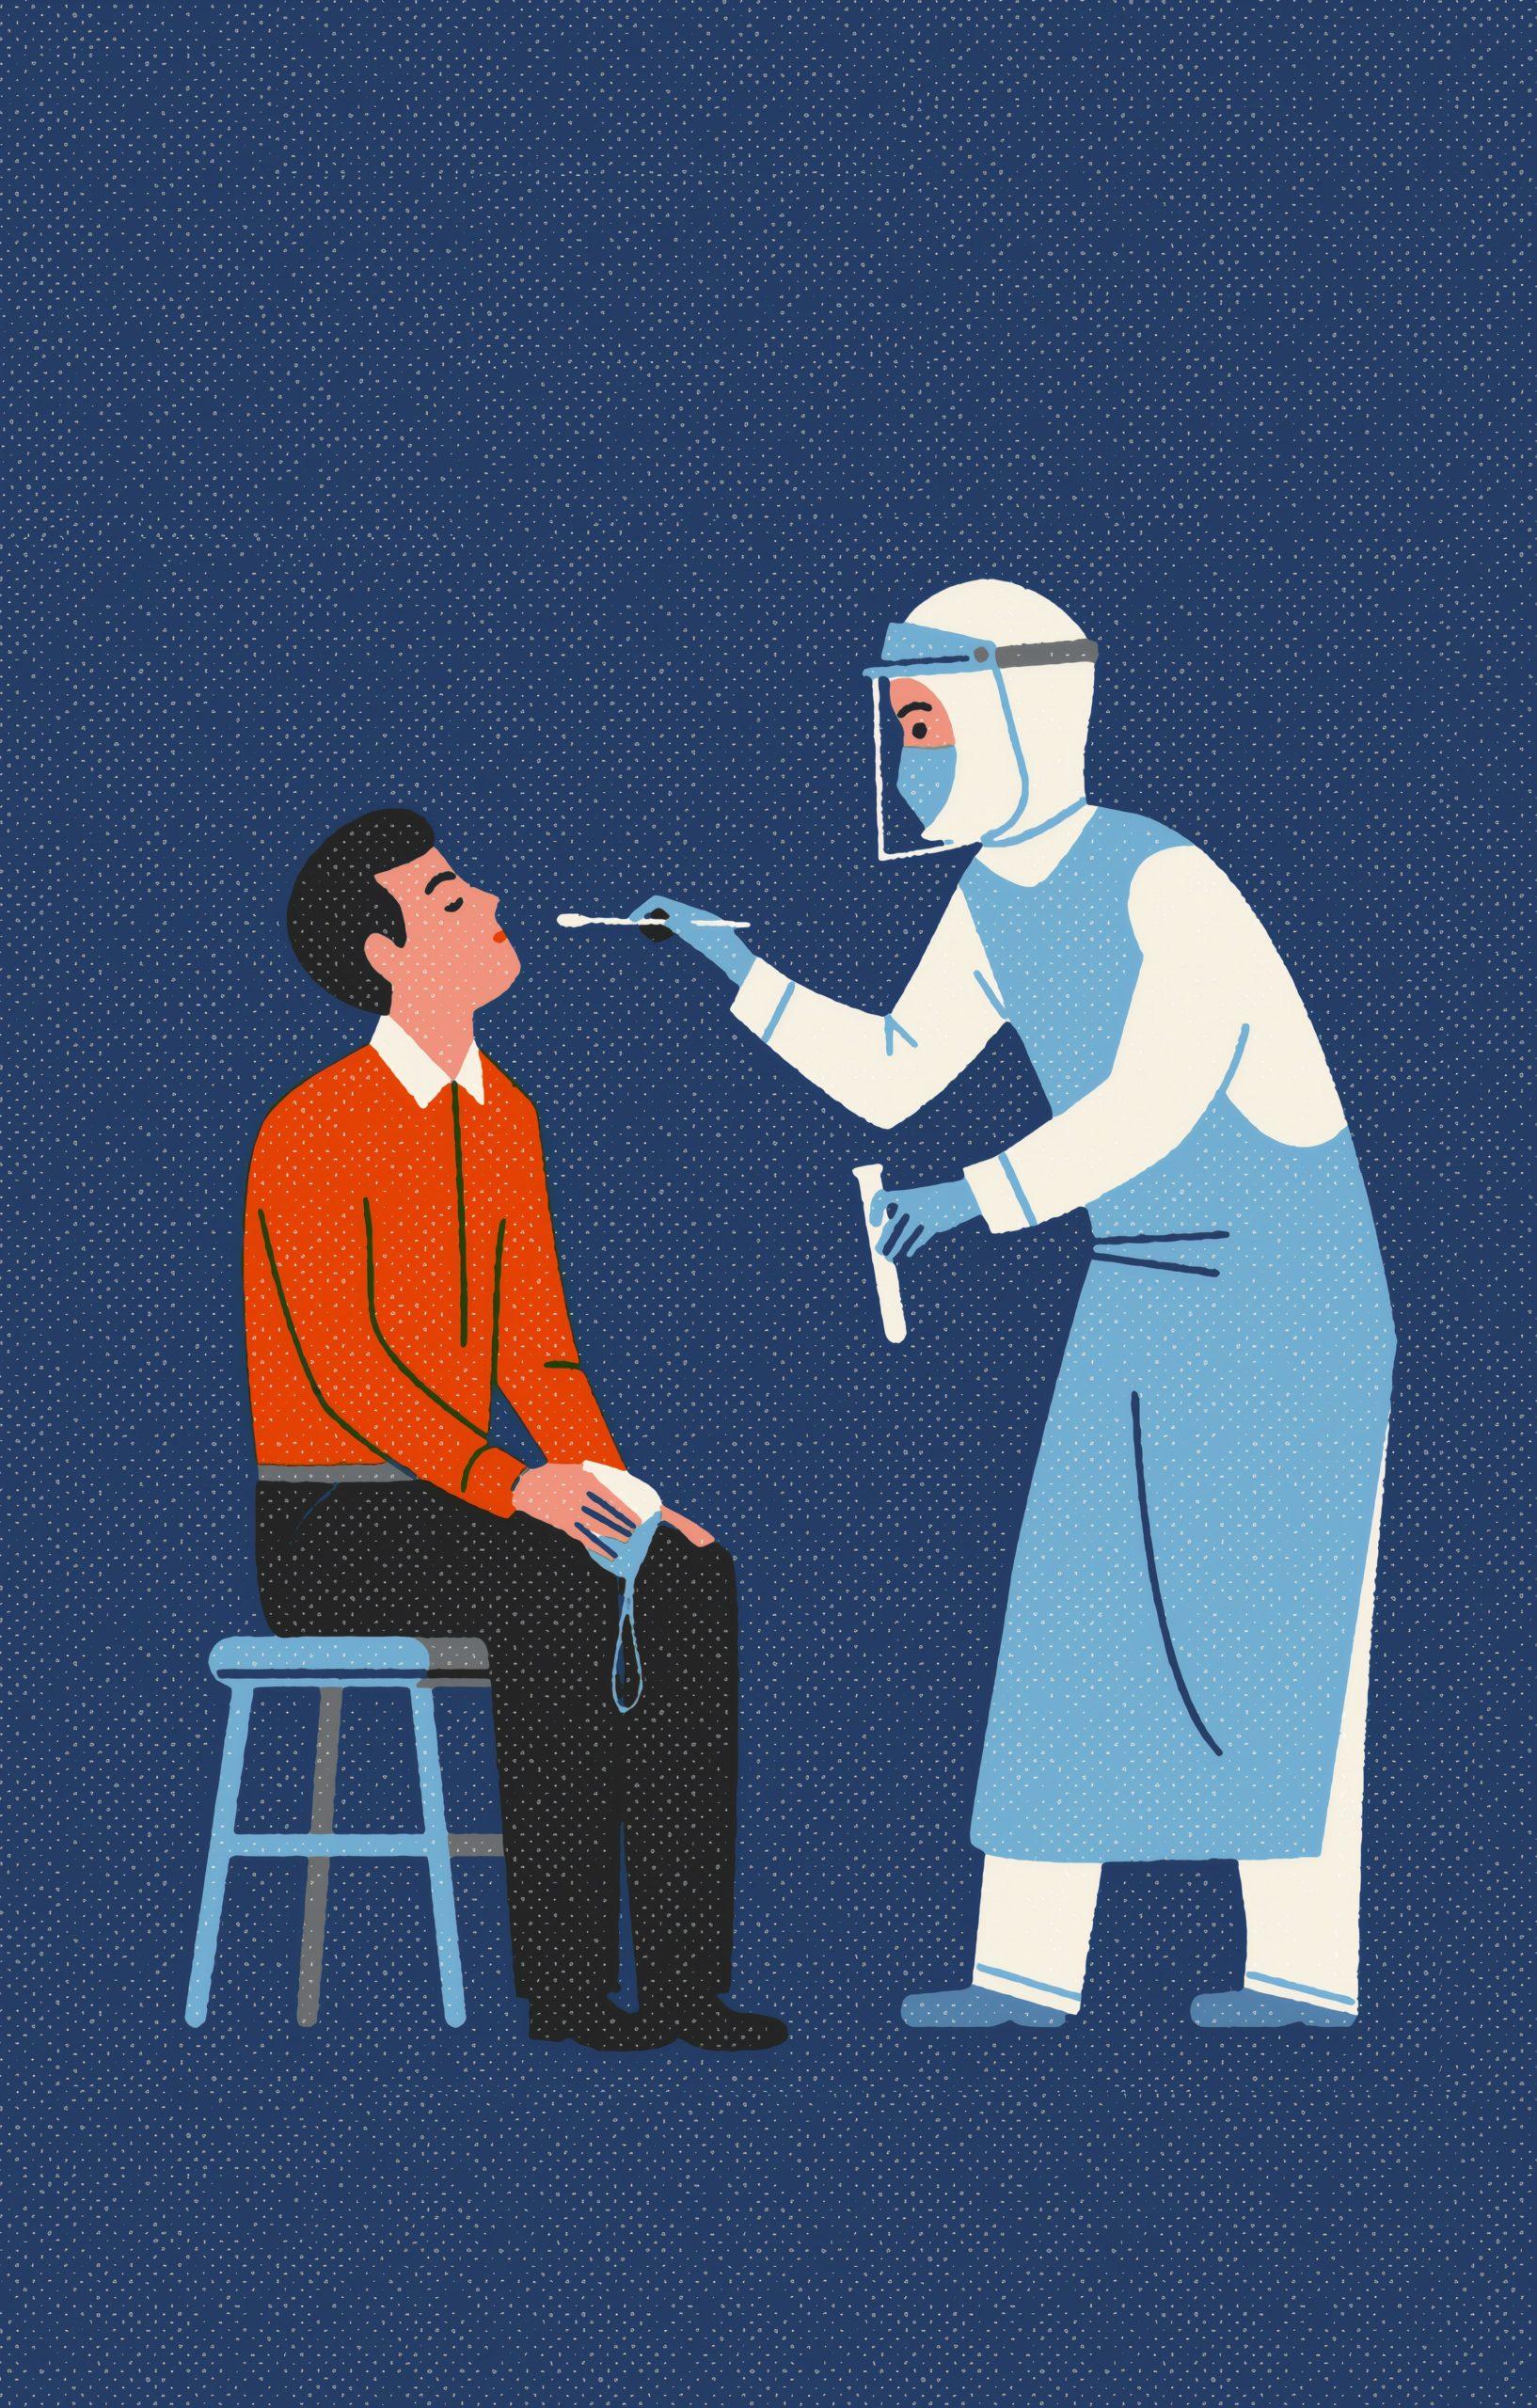 Una infermiera fa un tampone ad un uomo.